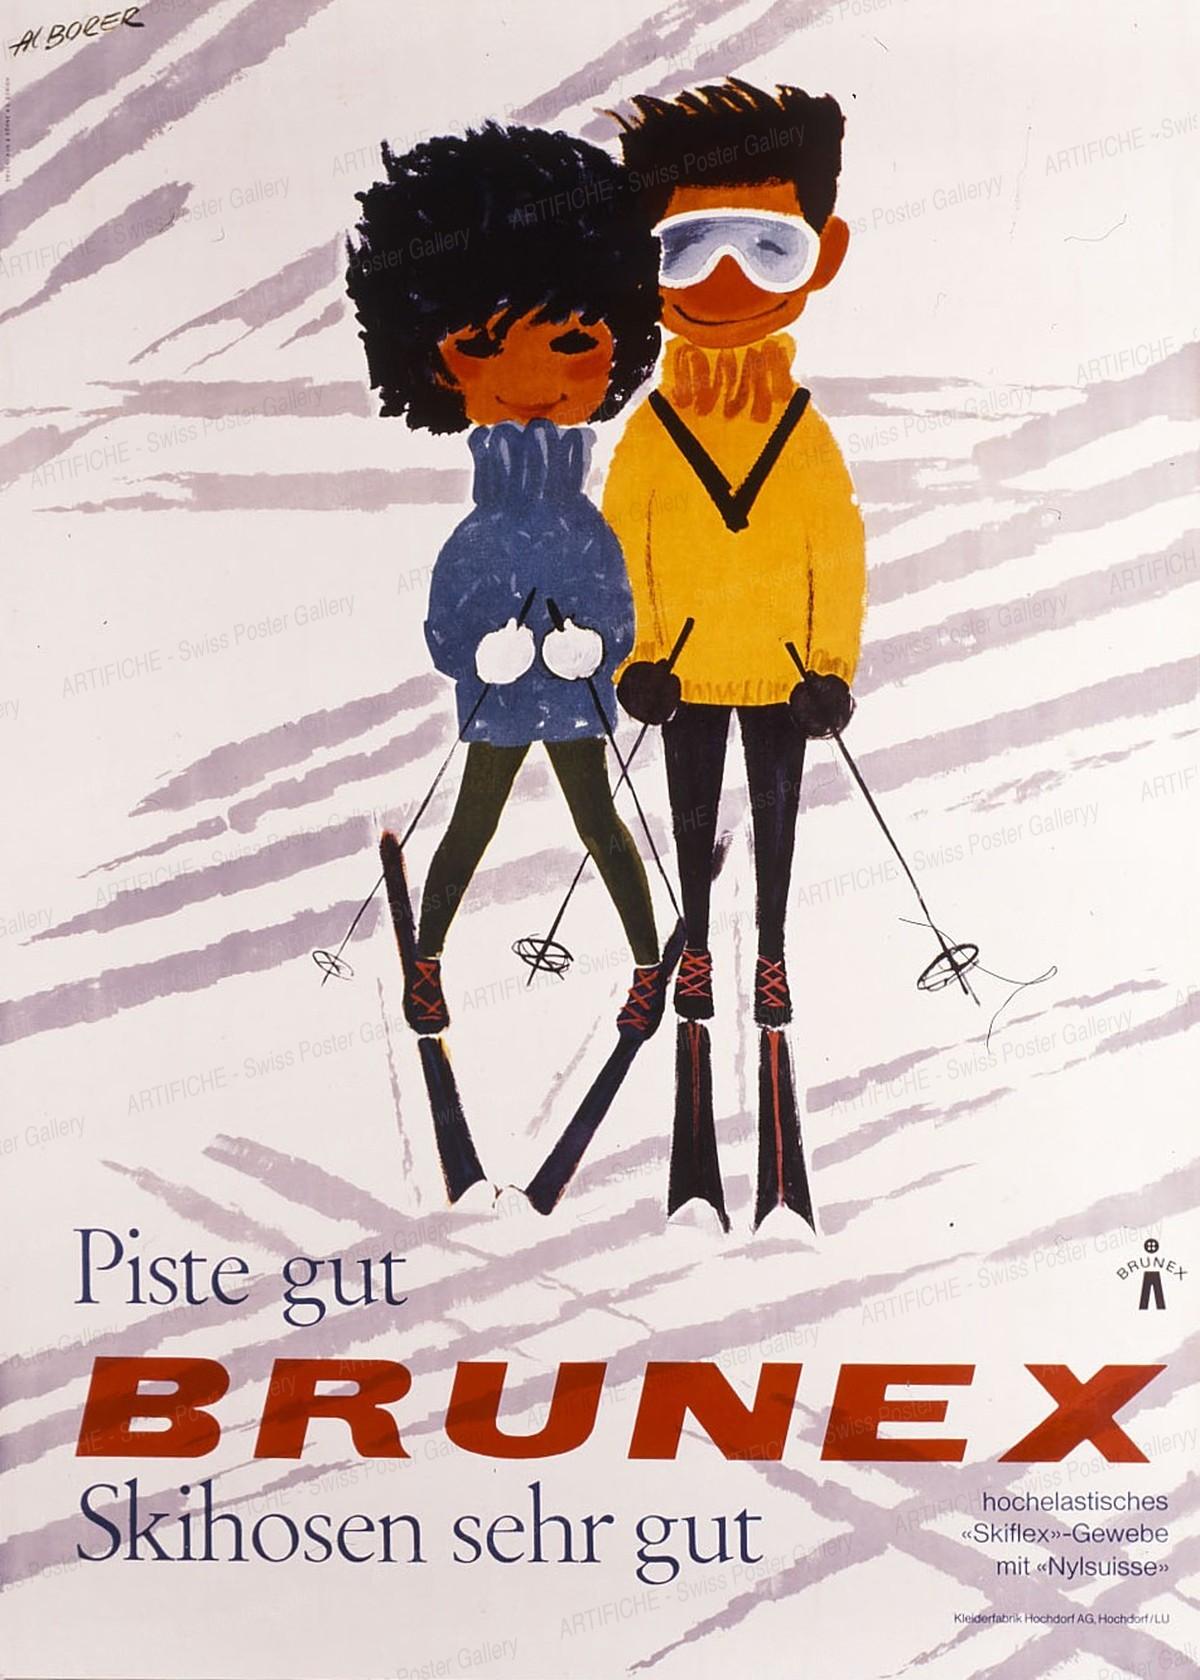 BRUNEX – Piste gut – Skihosen sehr gut, Albert Borer